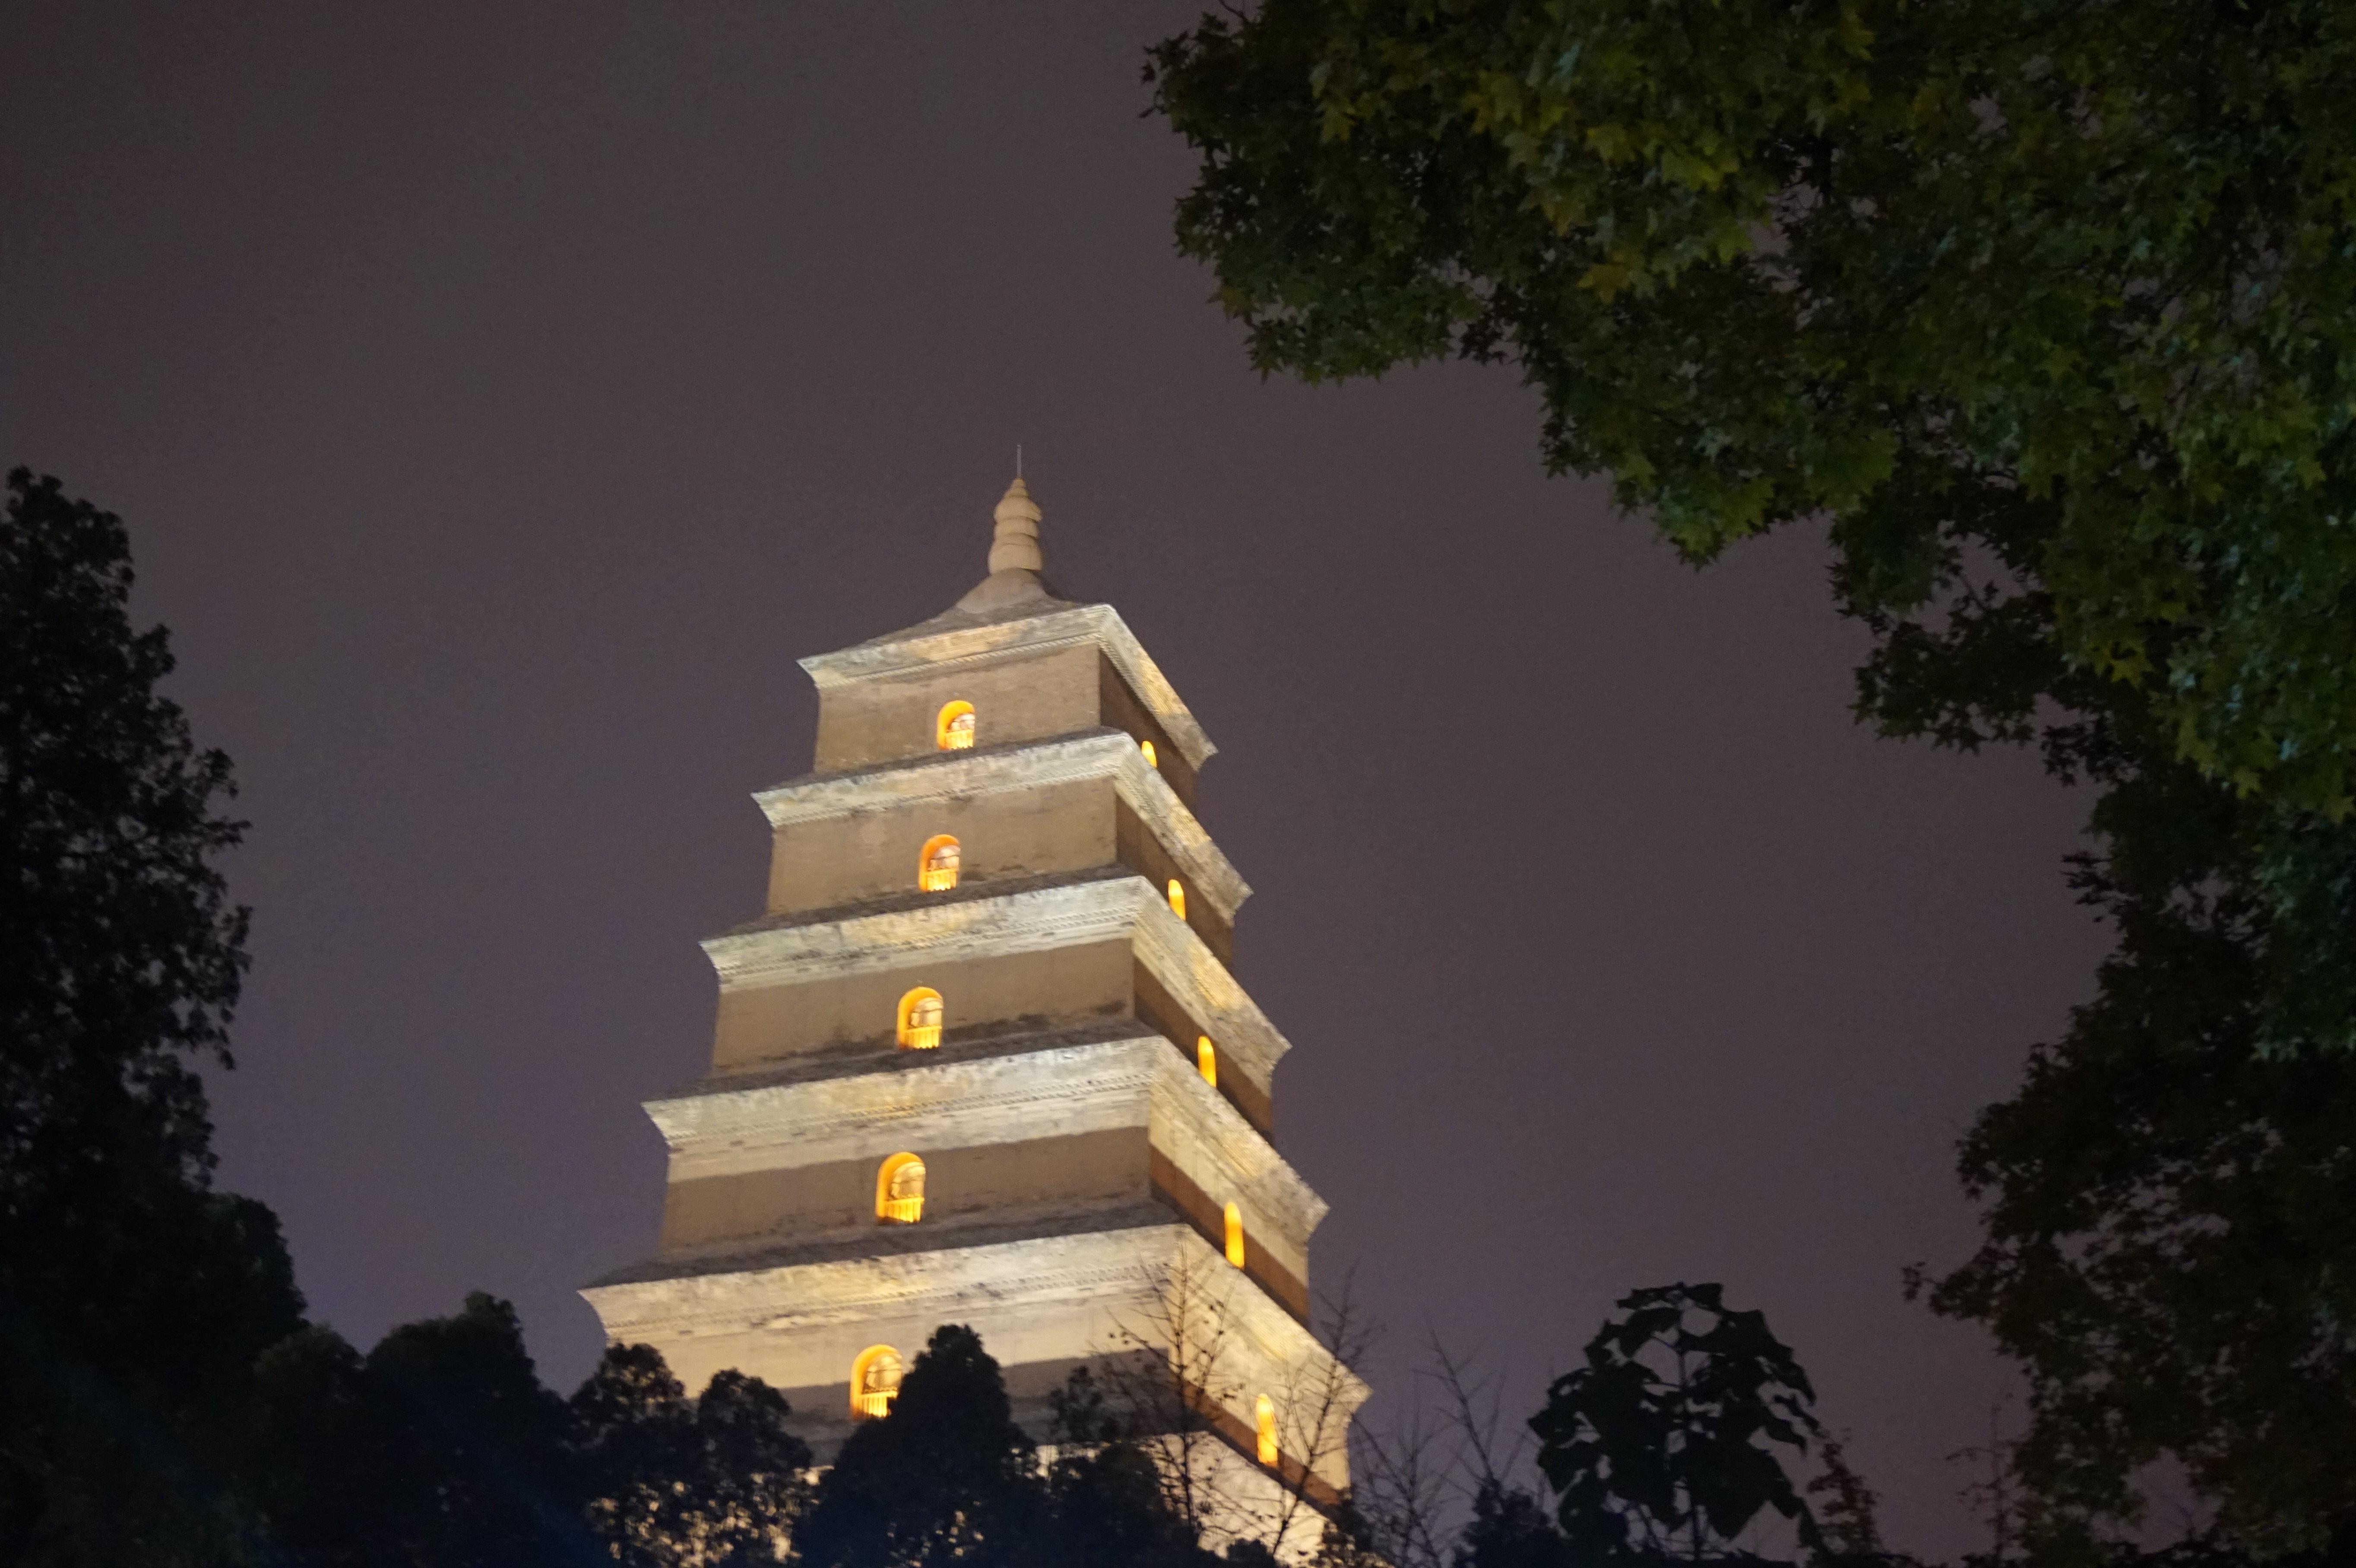 大雁塔南广场最有名的标志是玄奘的雕像